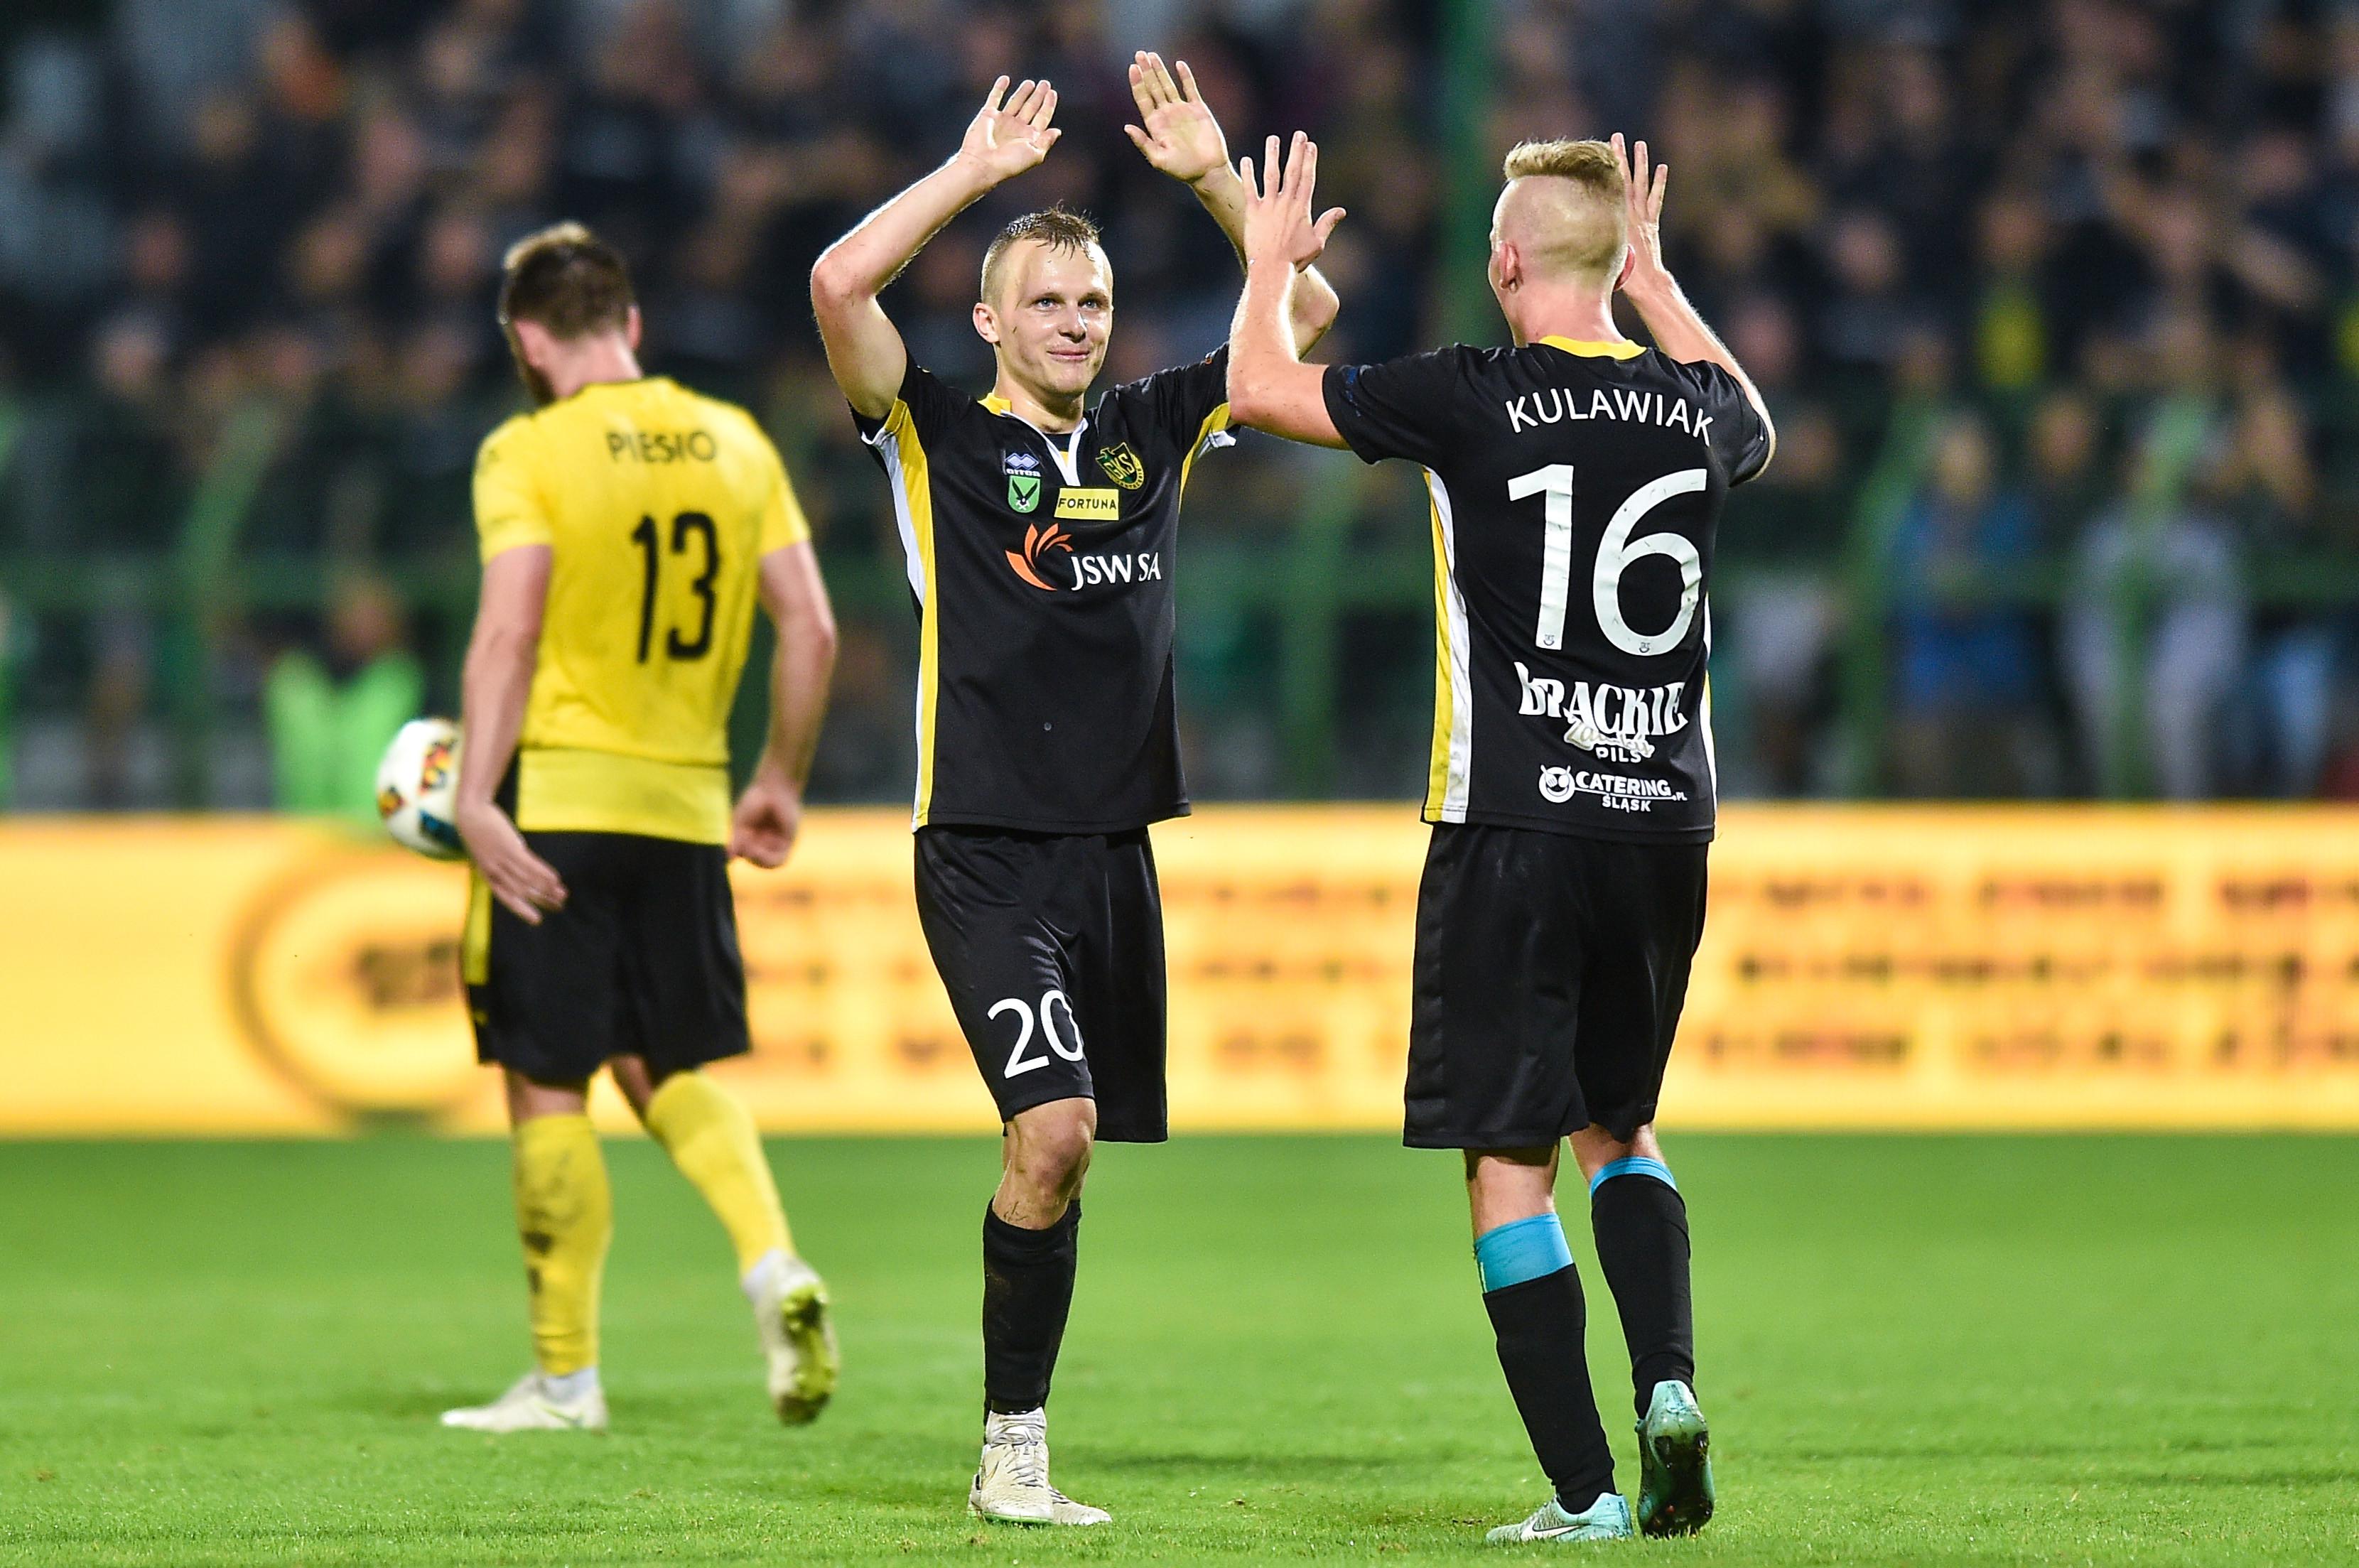 GKS Jastrzębie – czy zaliczą trzeci z rzędu awans?